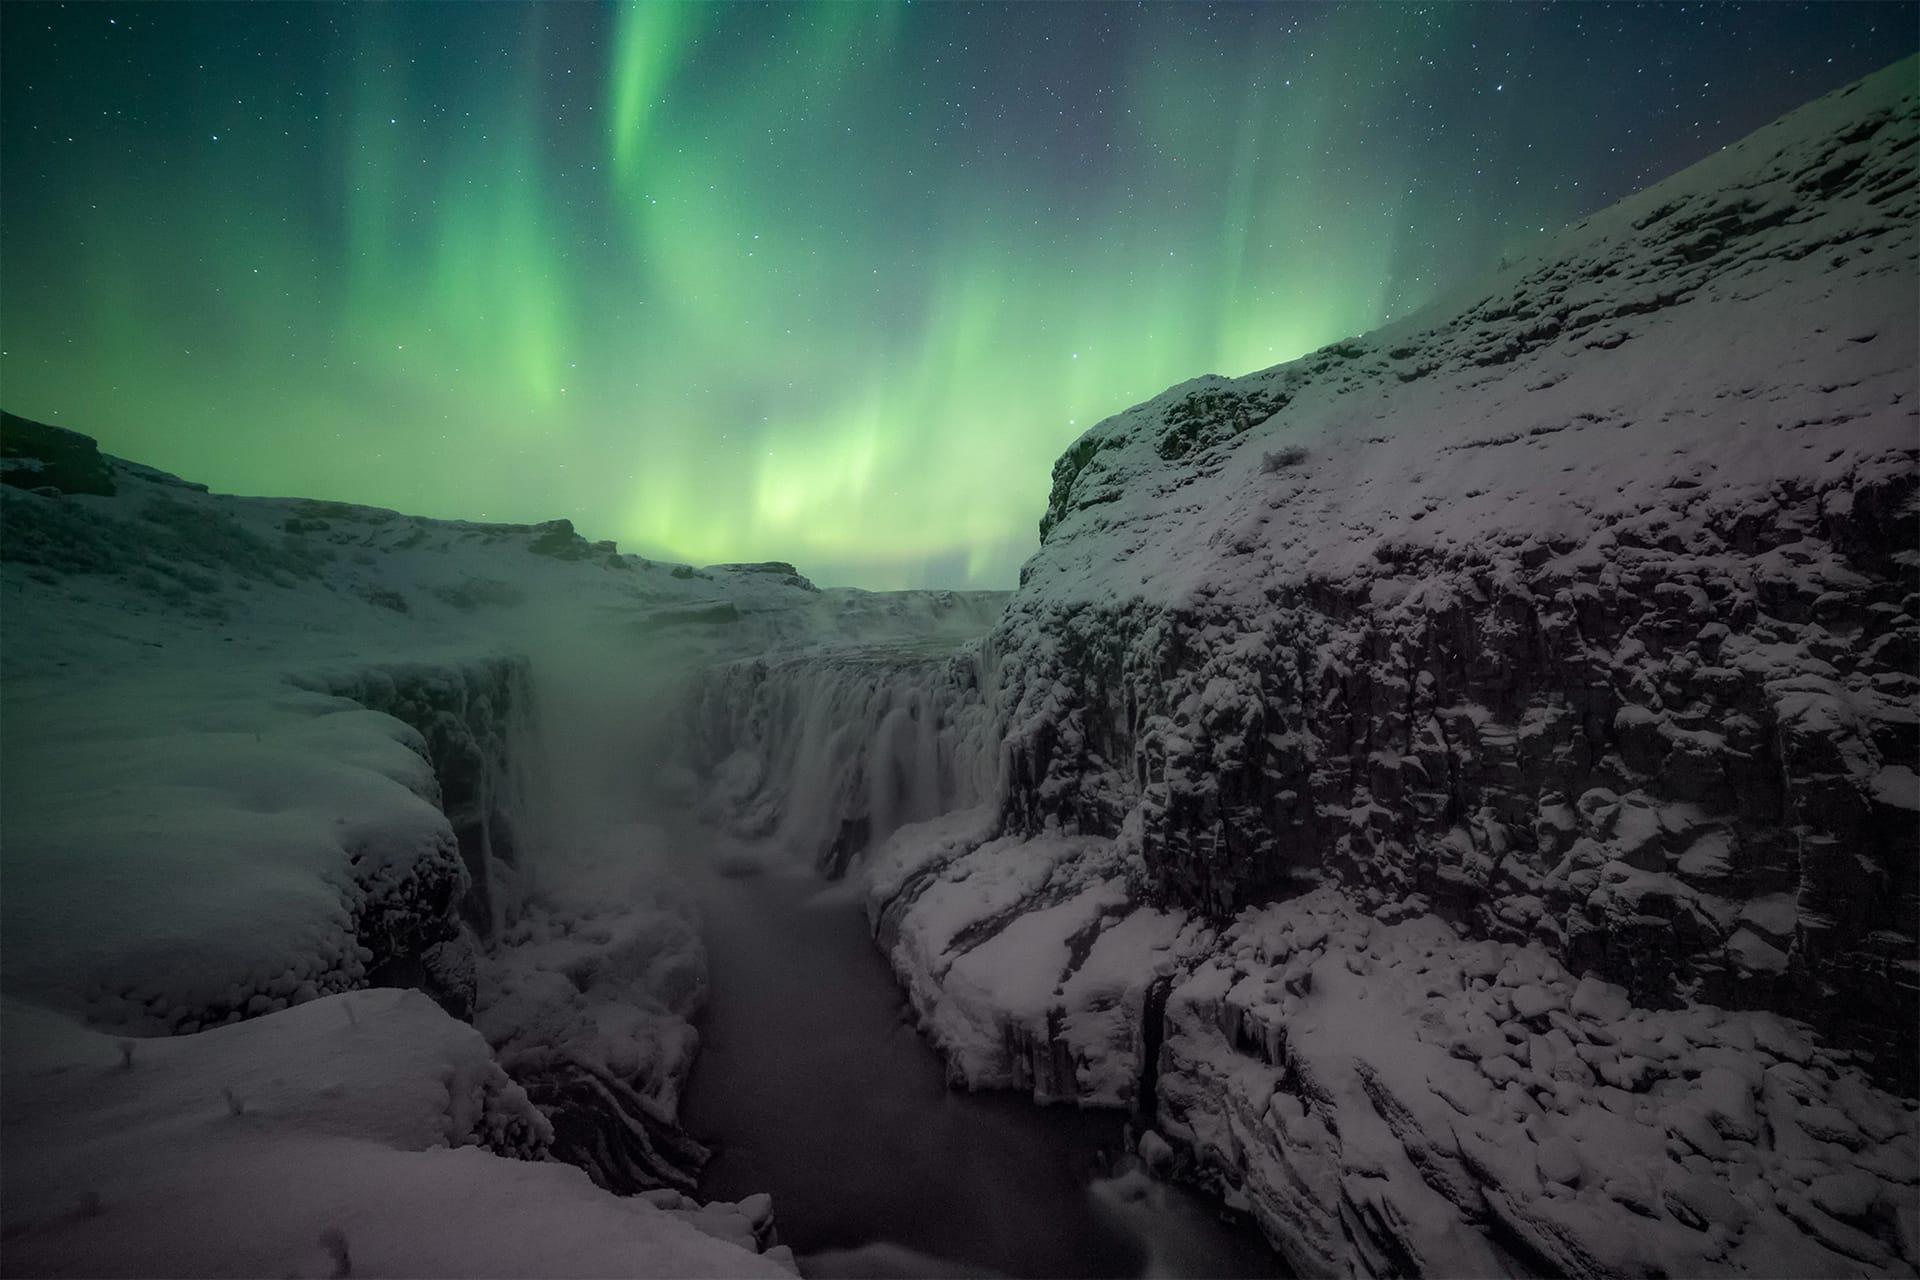 Mejores fotografías de Auroras Boreales 2020